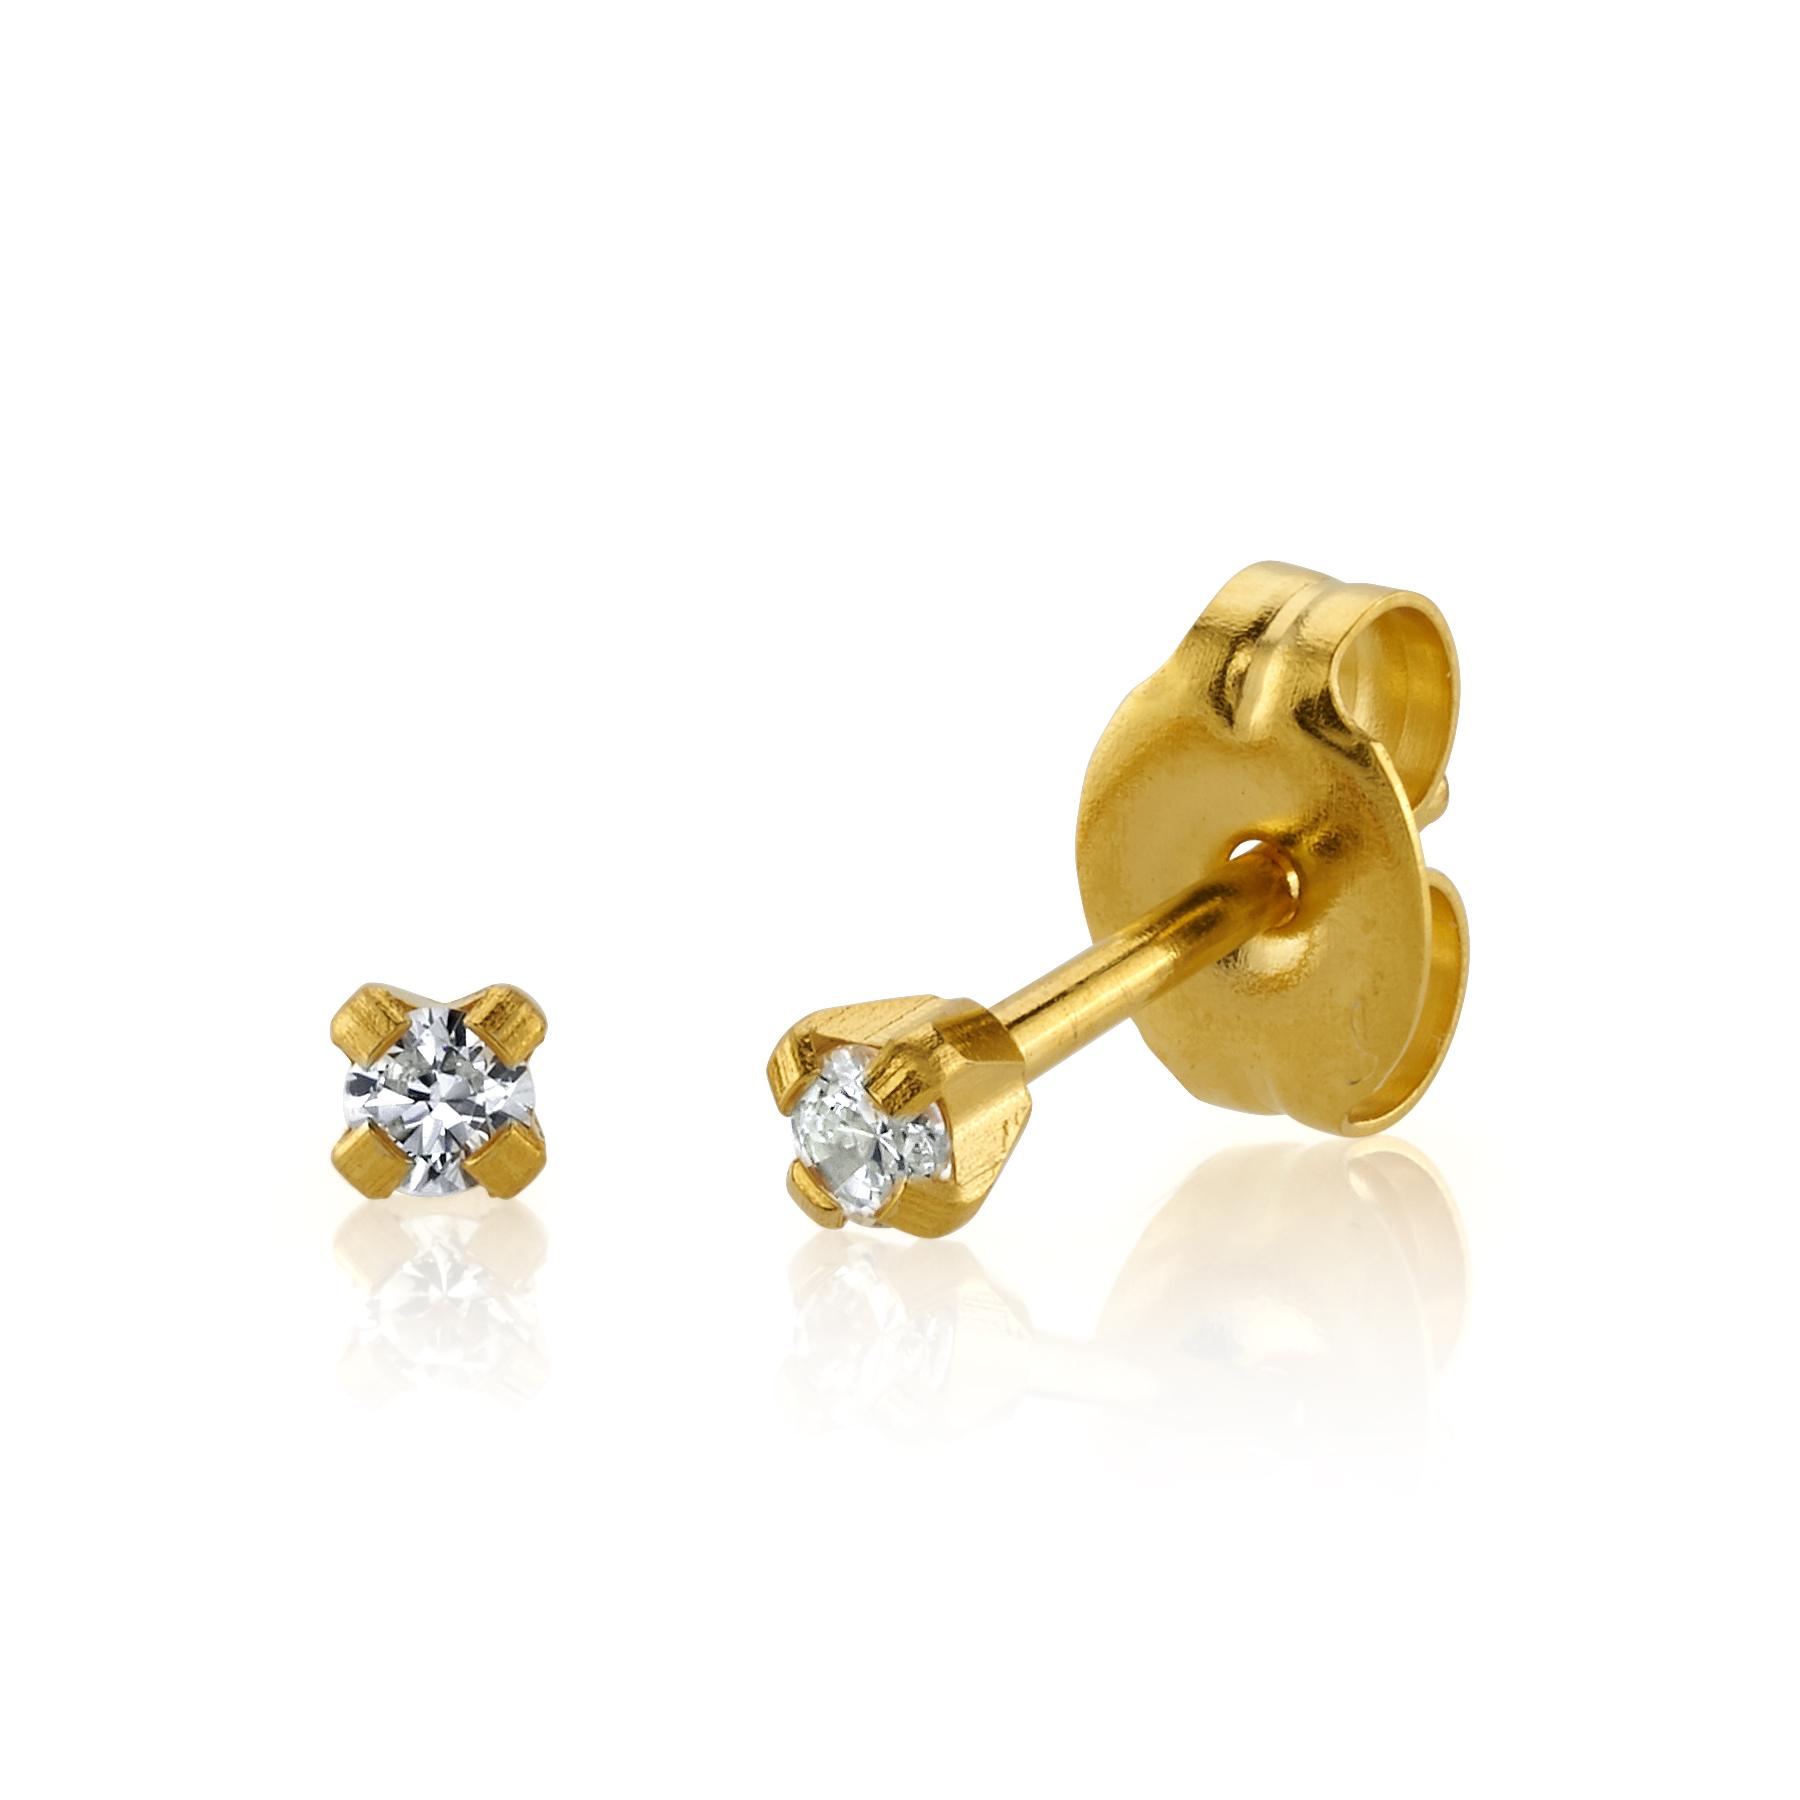 14K Gold & Diamond Ear Piercing Studs